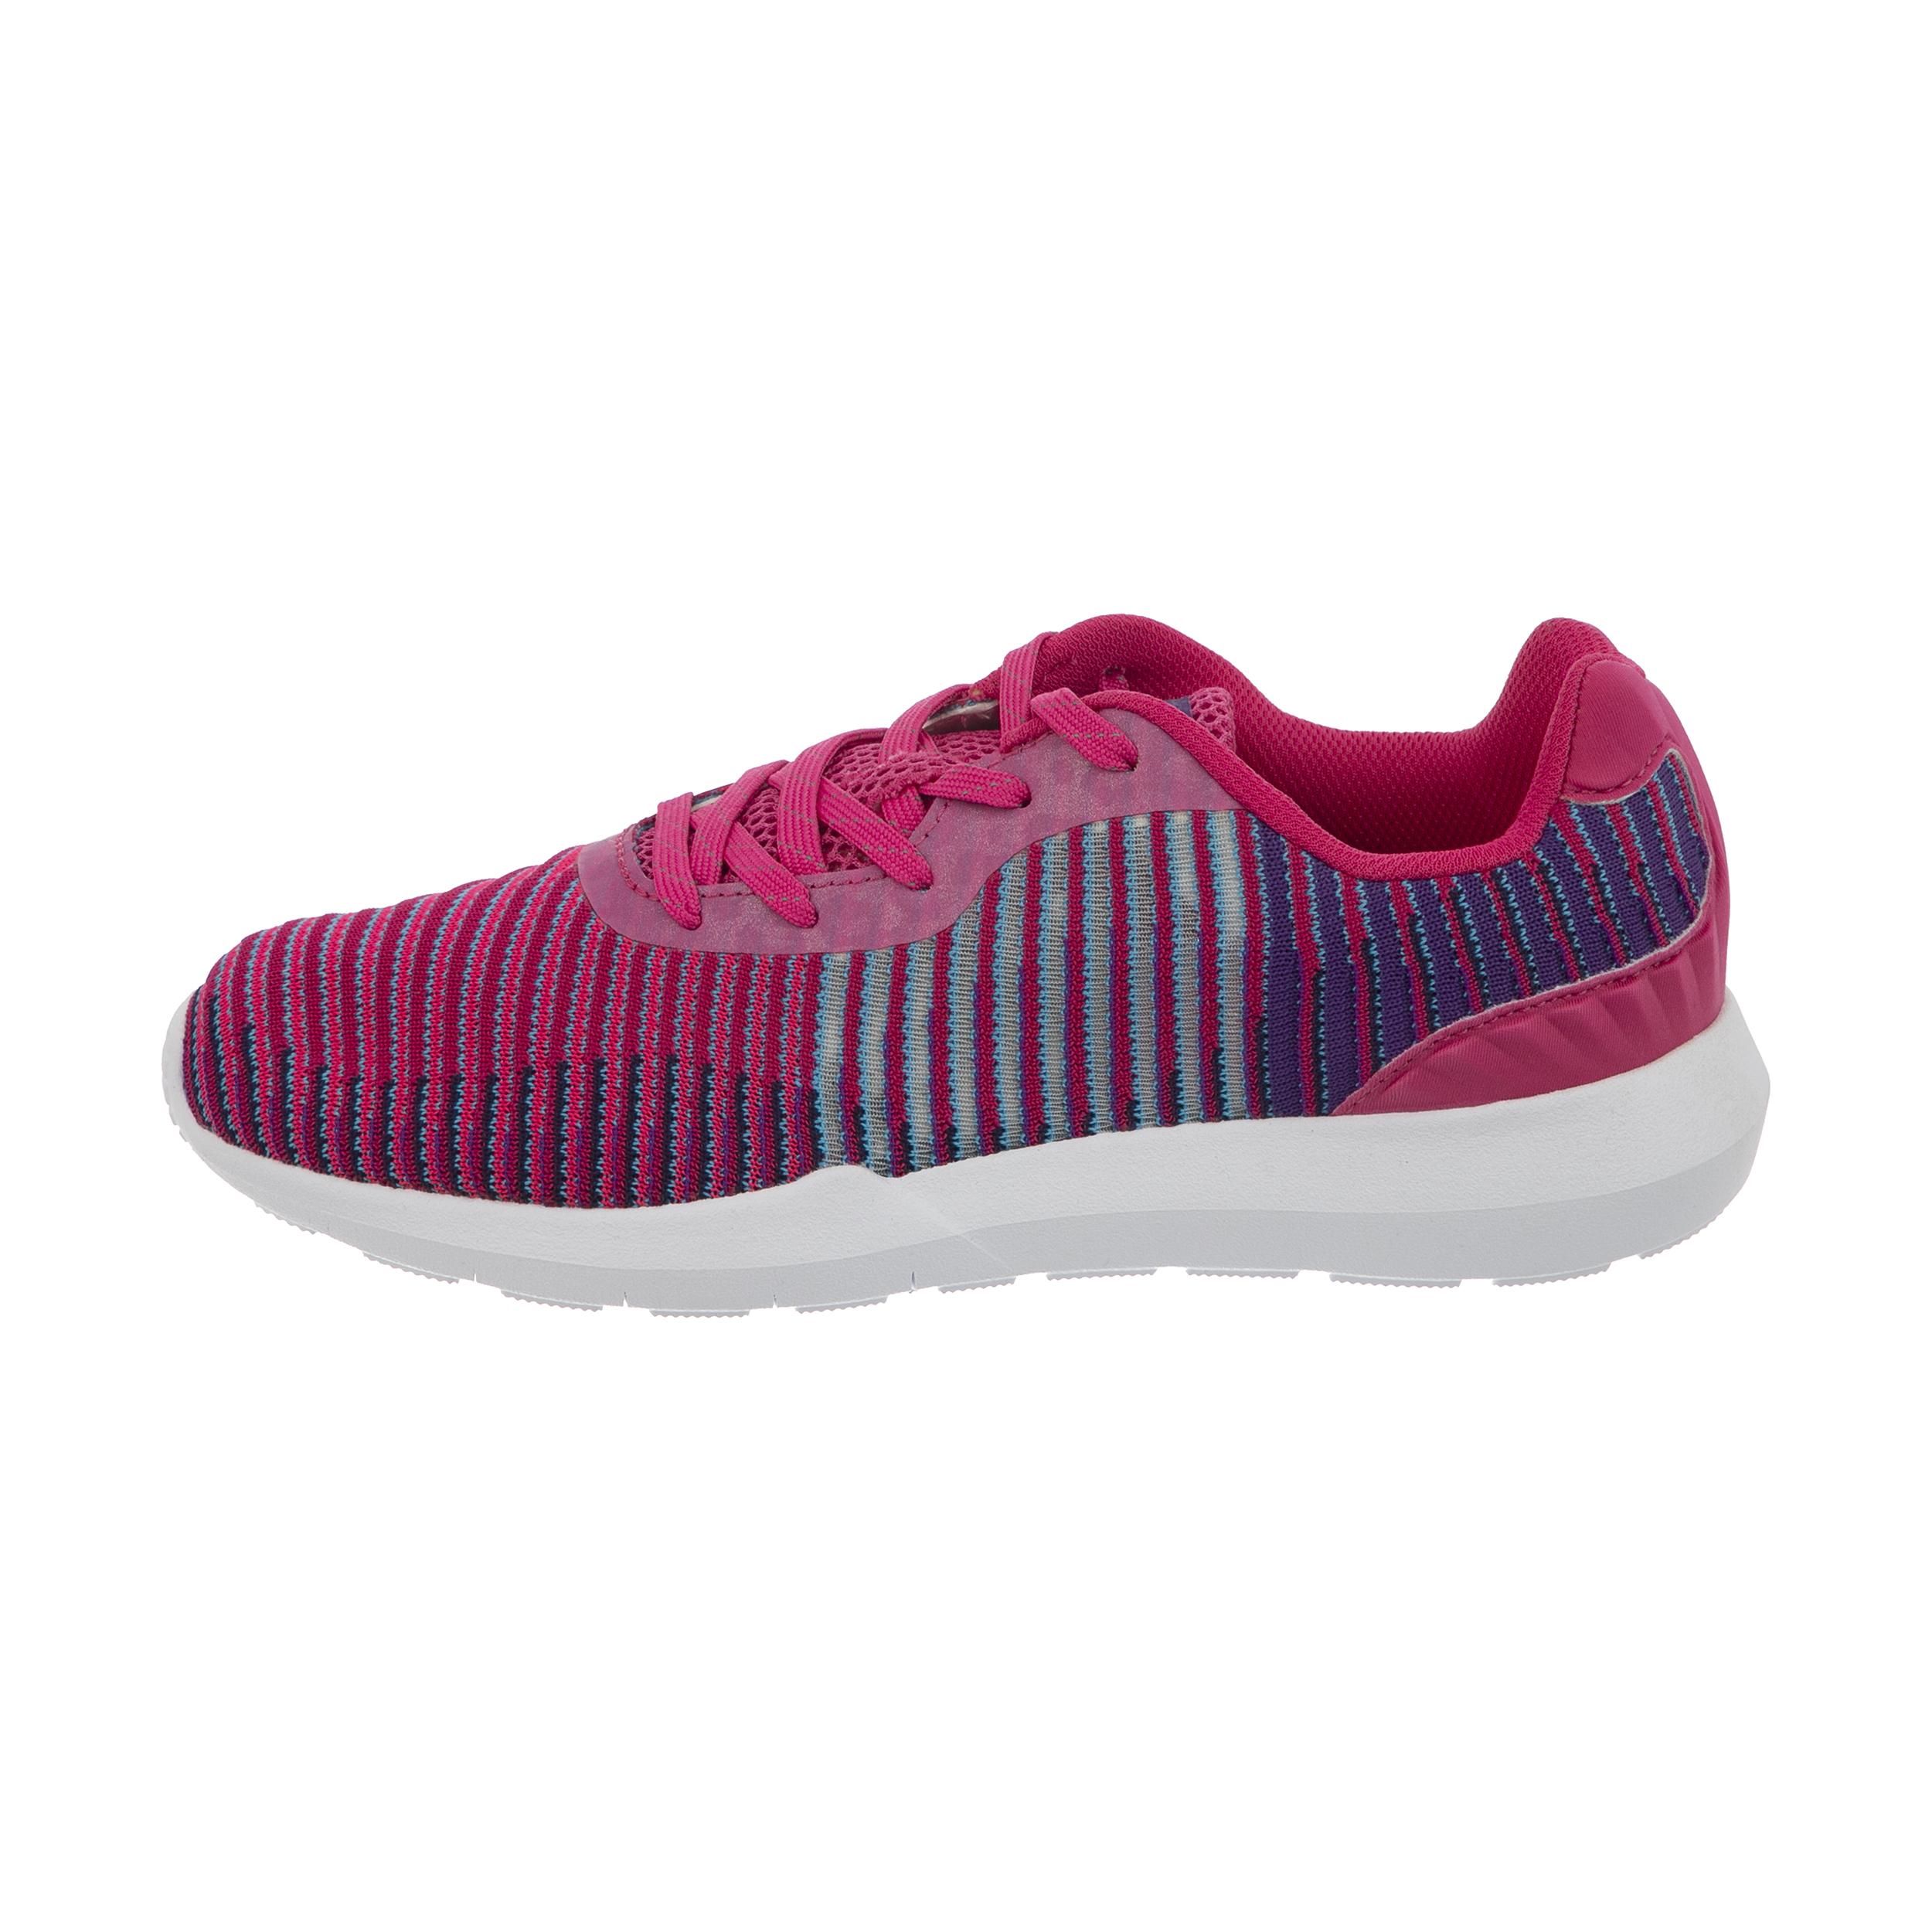 کفش مخصوص پیاده روی زنانه لینینگ مدل AGCM042-3B